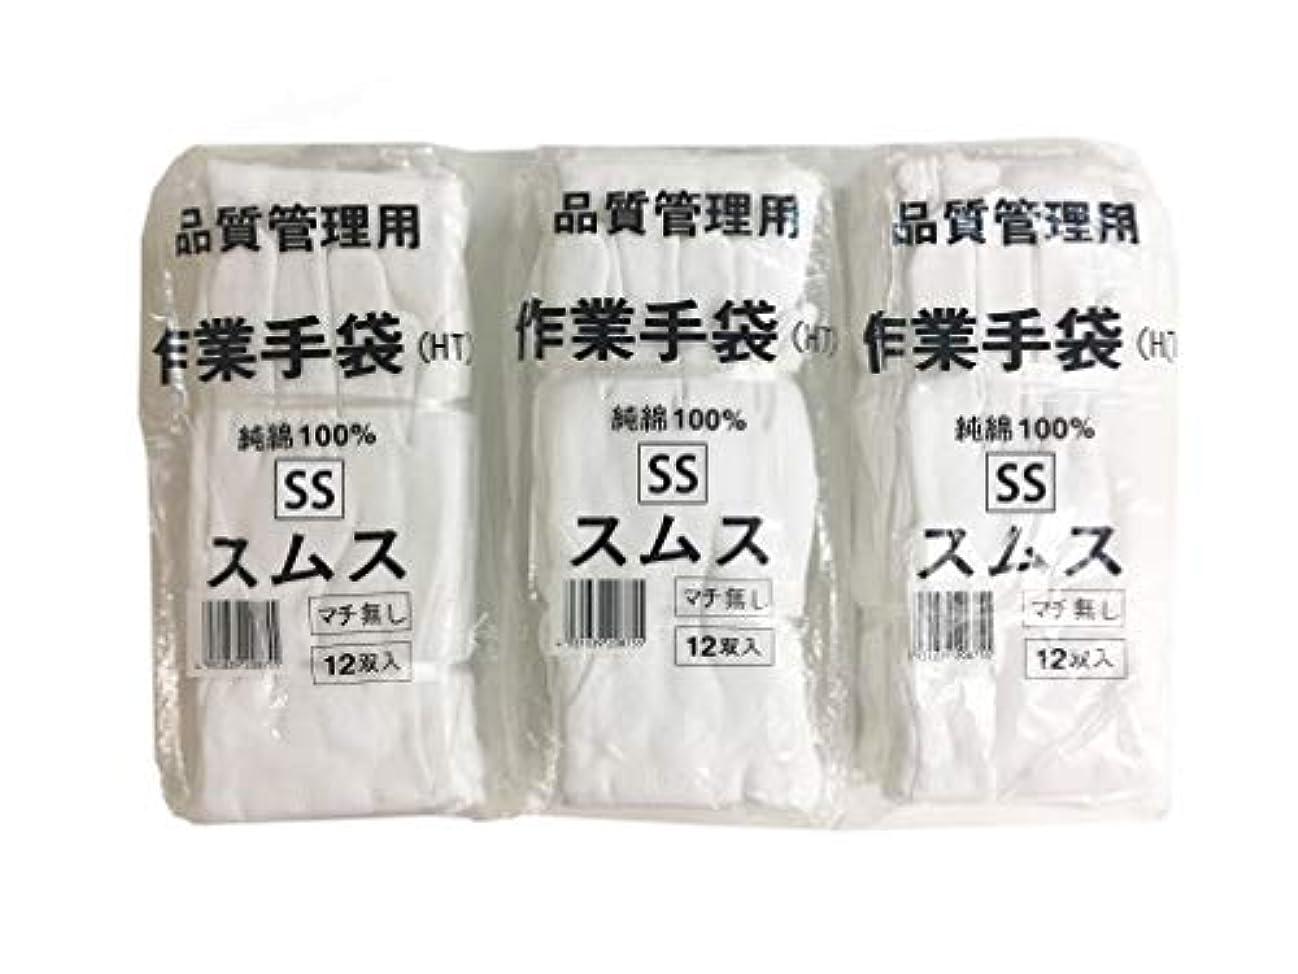 姪農村高架【お得なセット売り】(36双) 純綿100% スムス 手袋 SSサイズ 12双×3袋セット 子供?女性に最適 多用途 101112